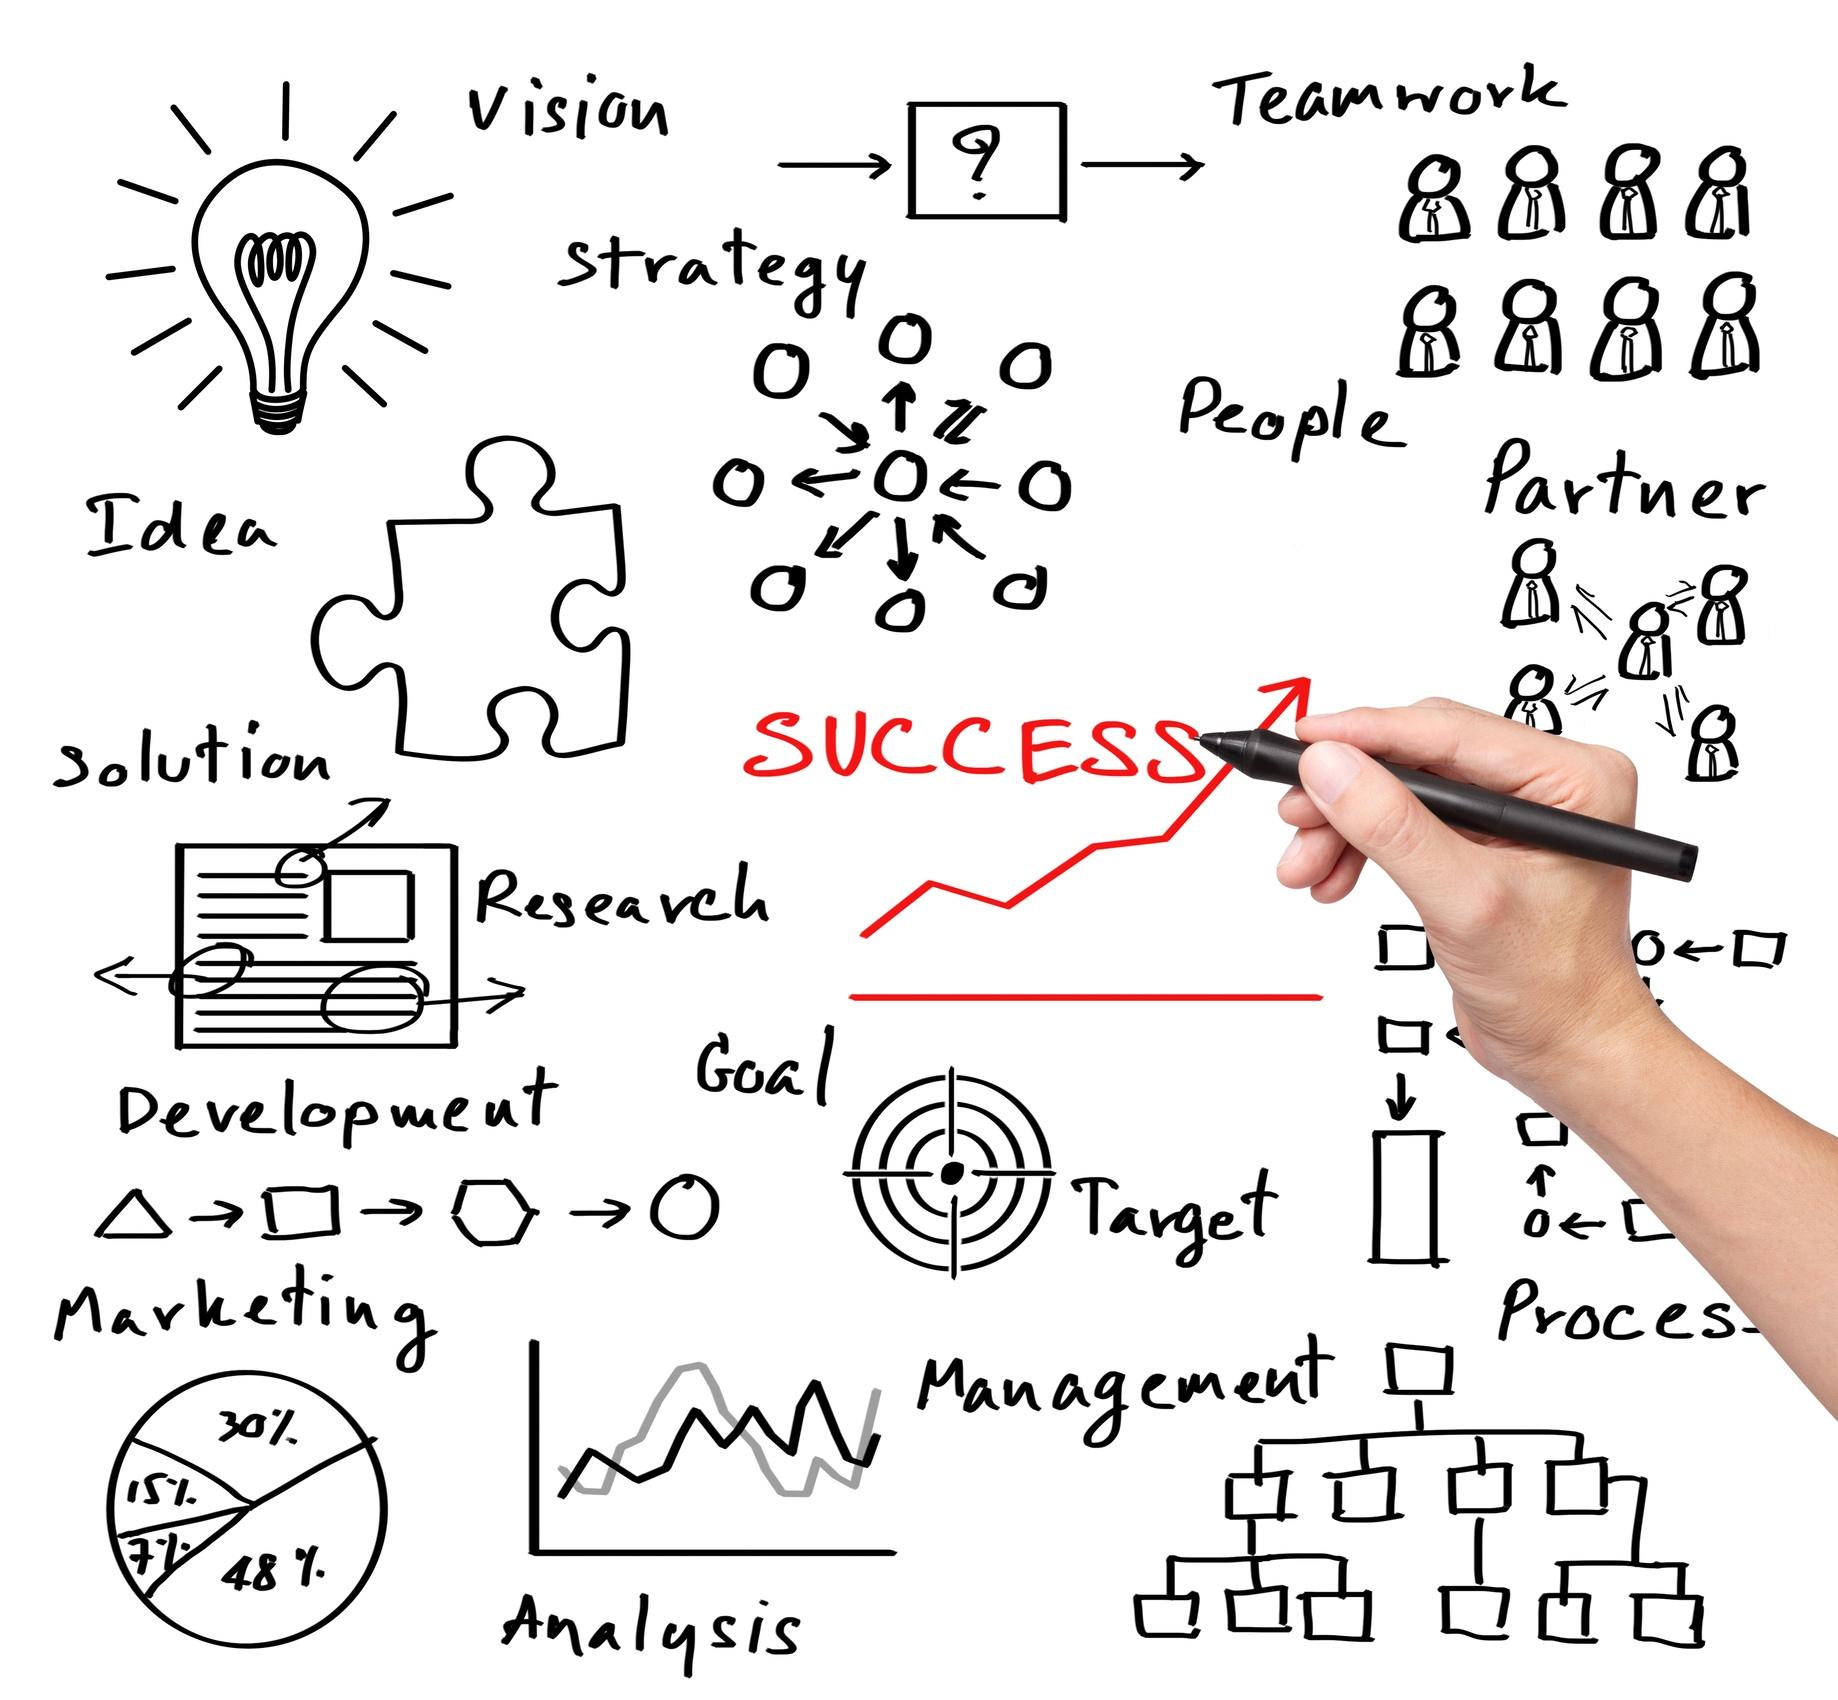 מה בודקים לפני שמזמינים תוכנית הדרכה למנהלים, או סדנת מנהלים